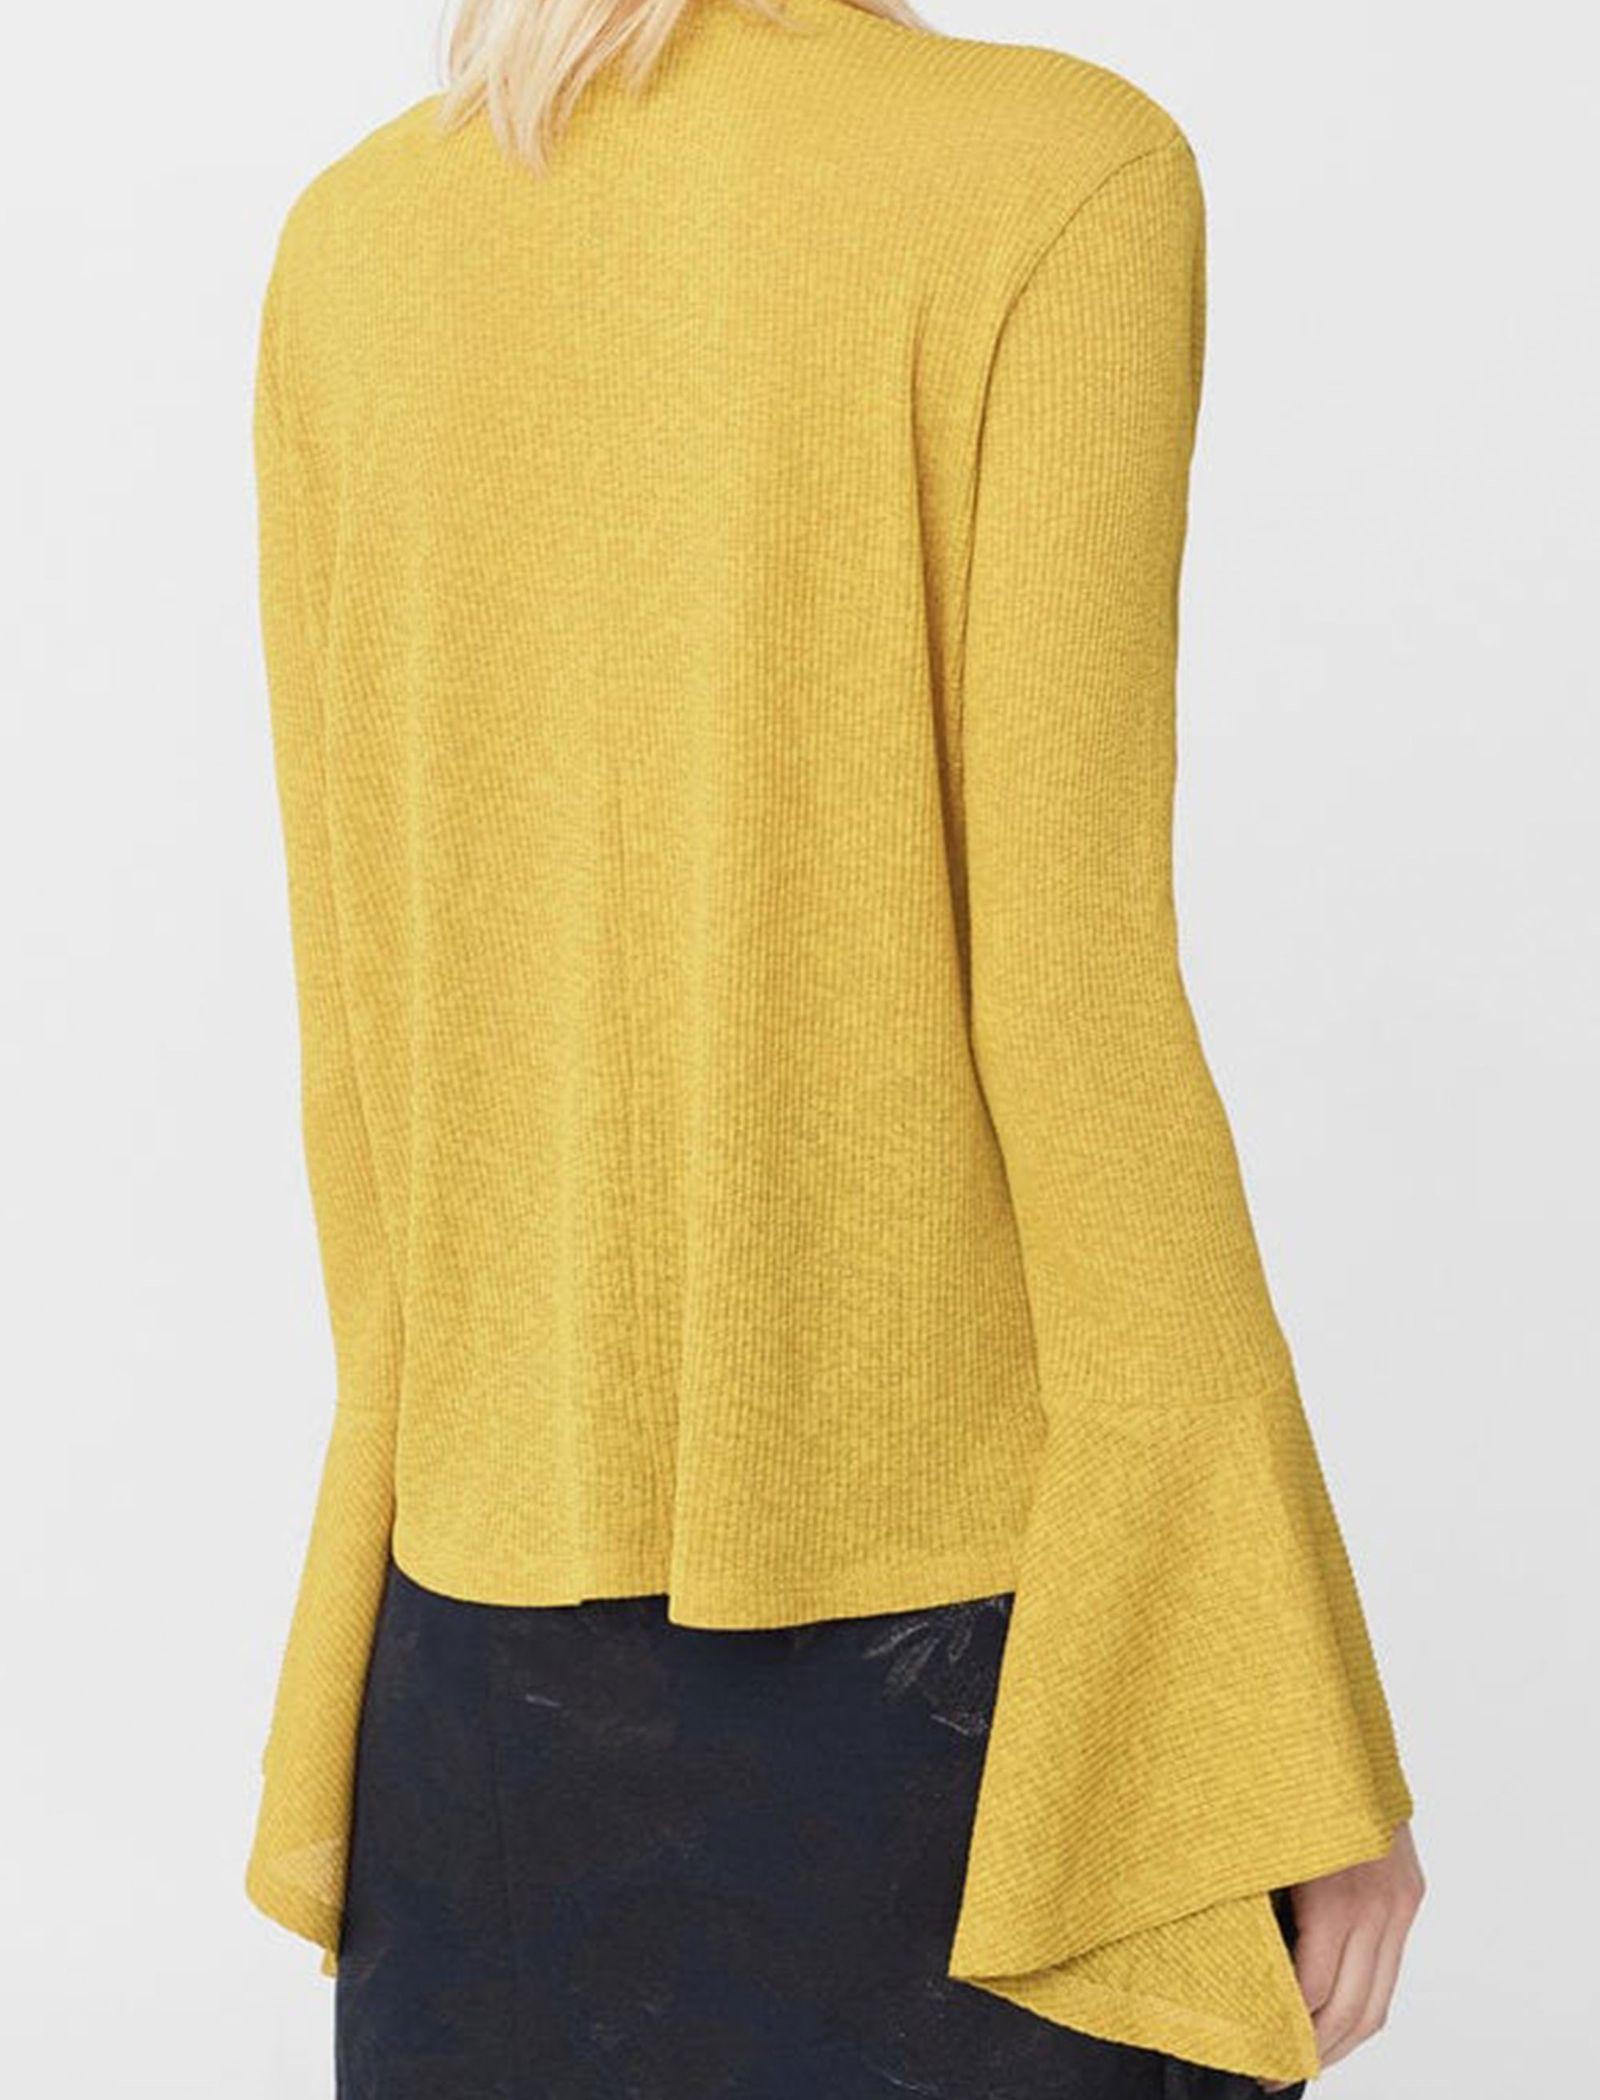 تی شرت یقه گرد زنانه - مانگو - خردلي - 3